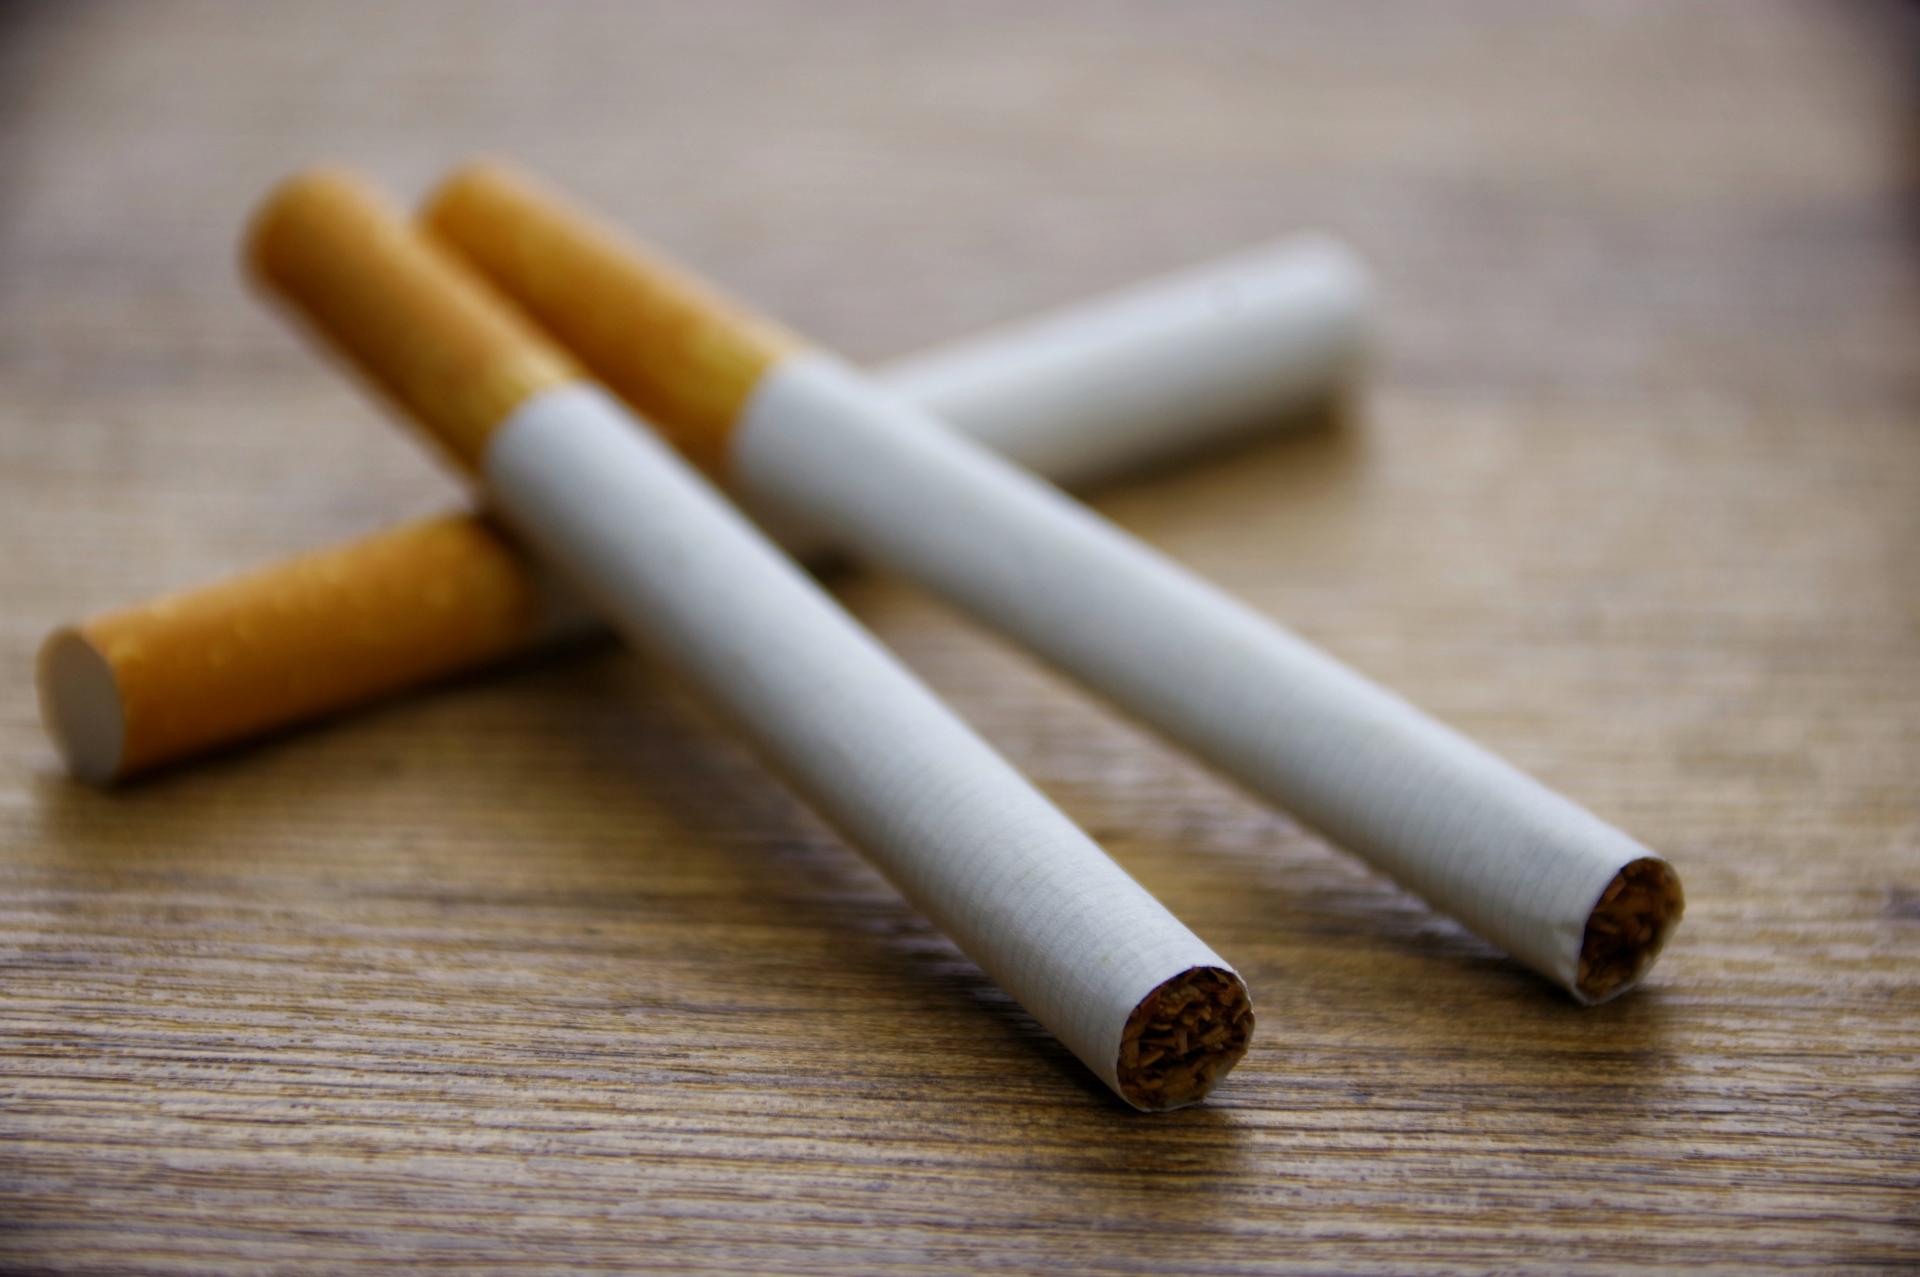 タバコは身体に悪いけど、脳やコロナには良いという話しは本当?